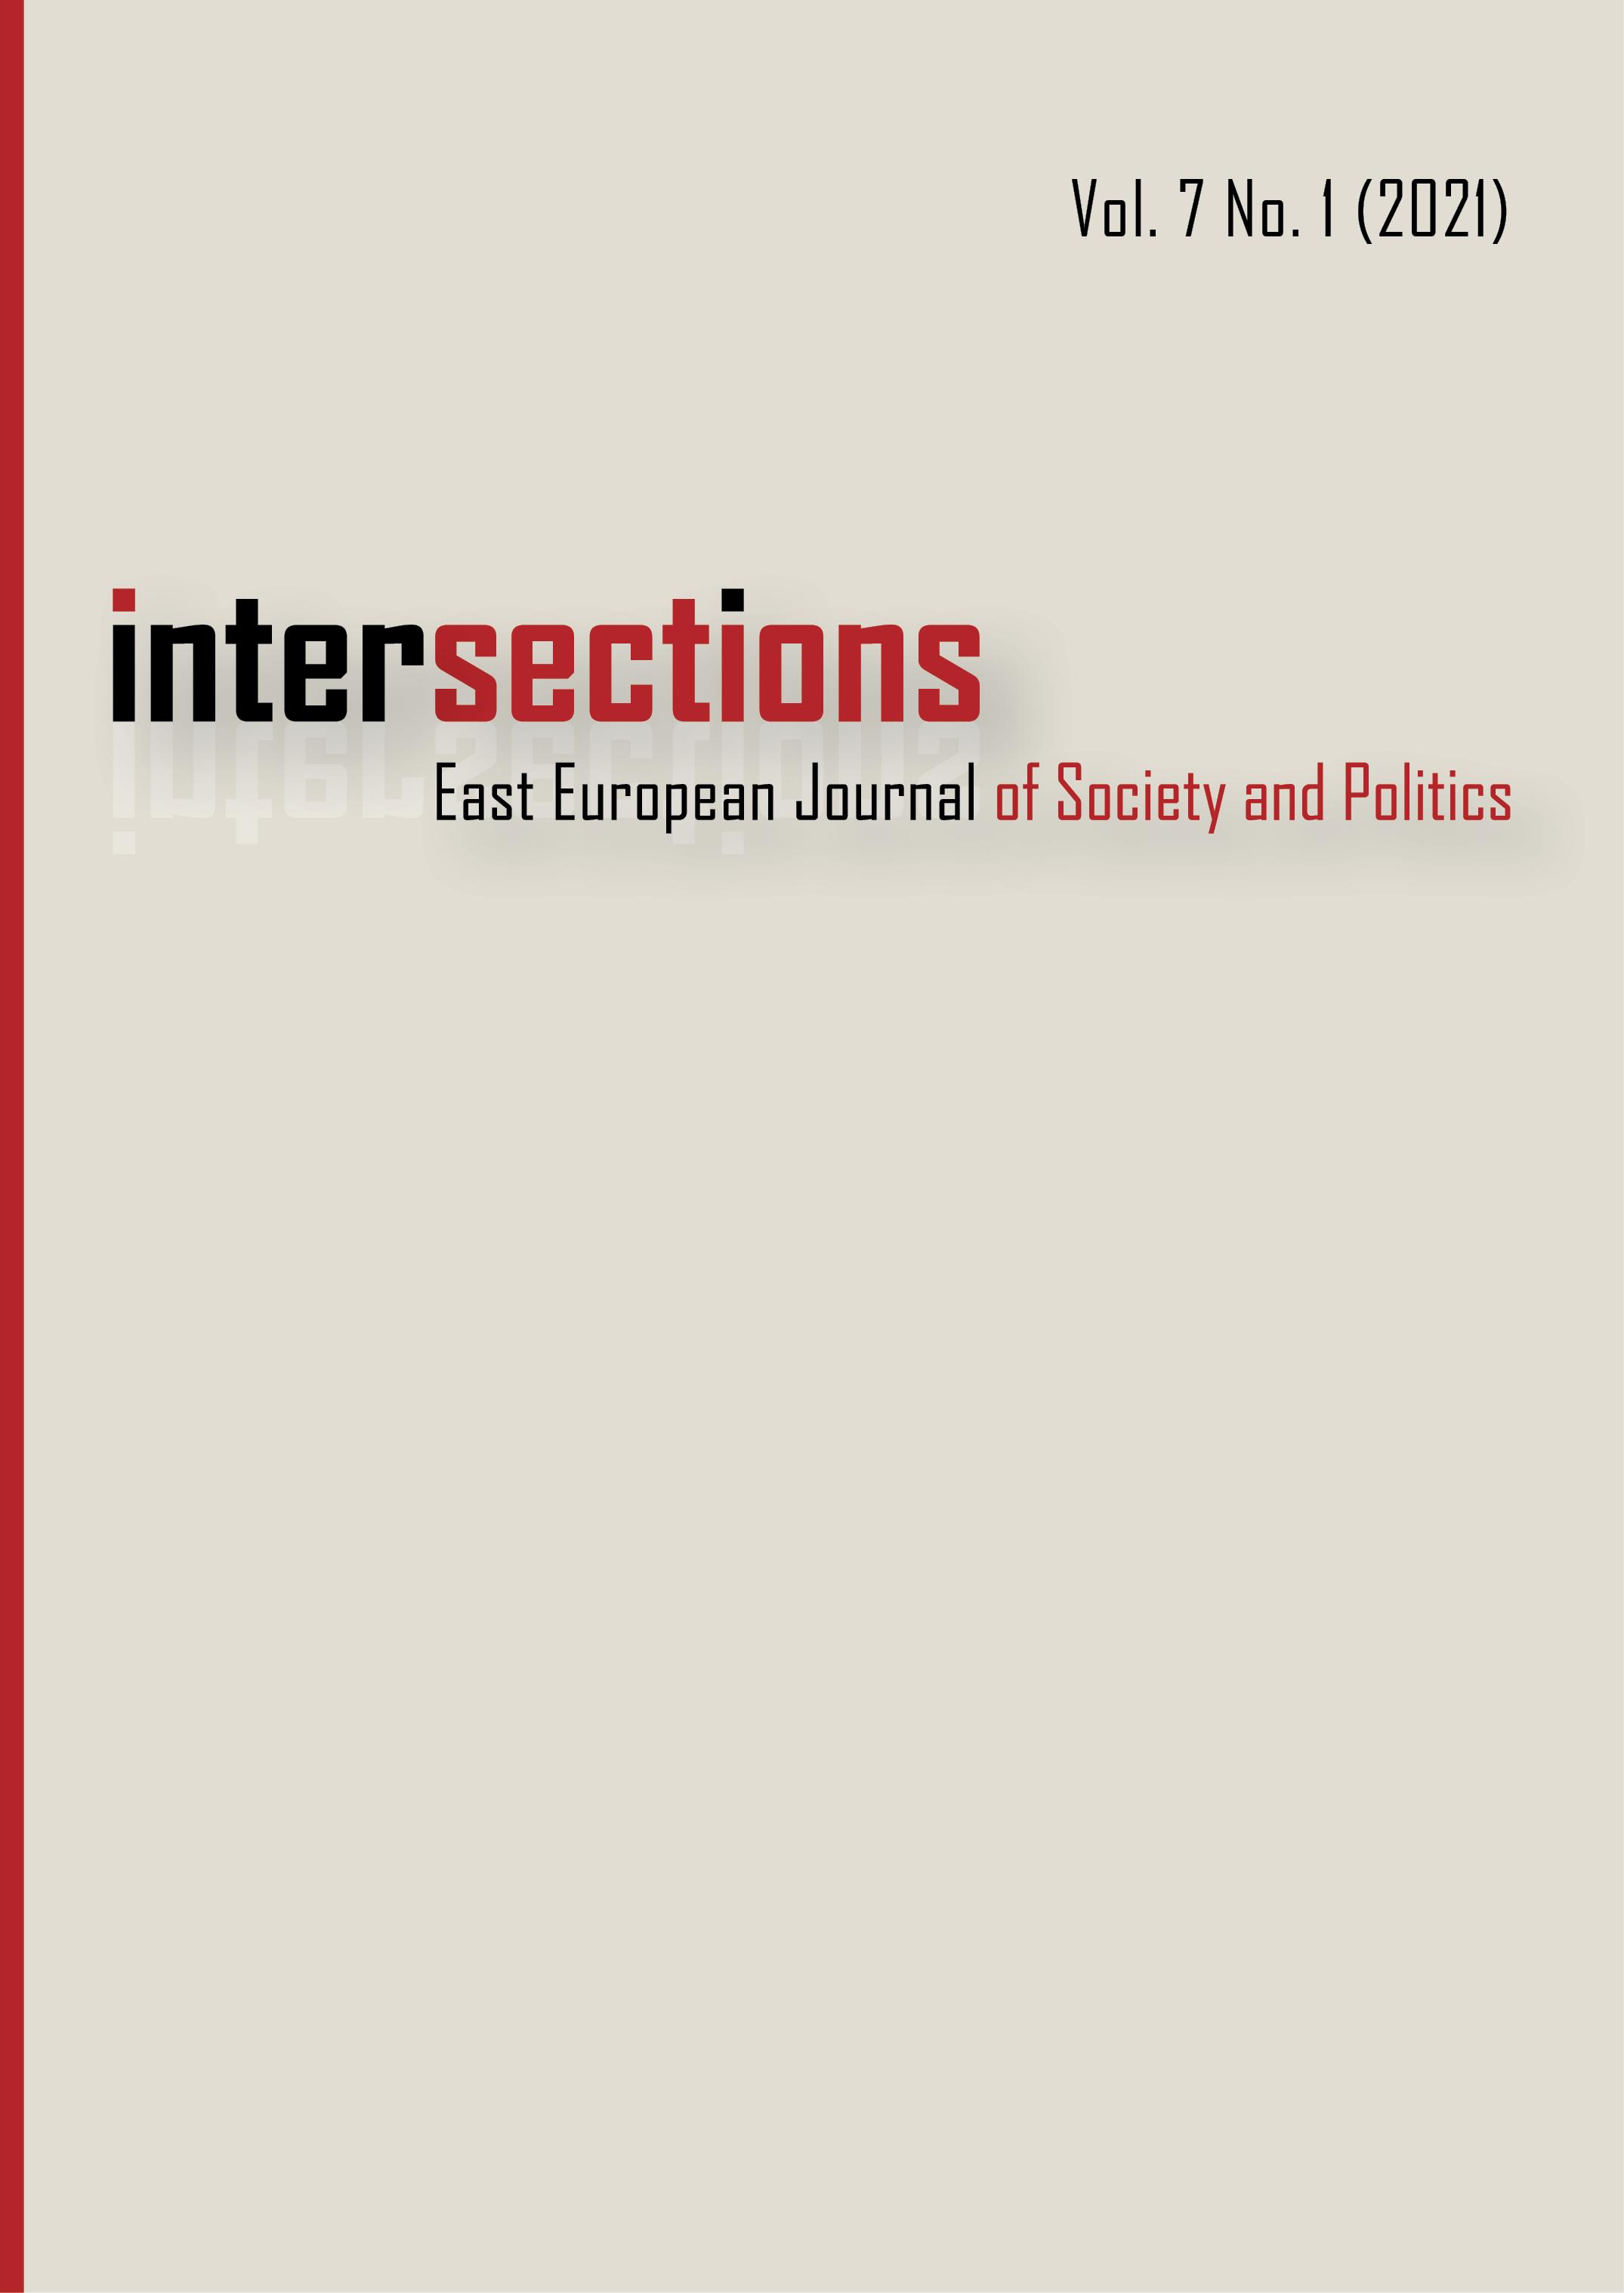 View Vol. 7 No. 1 (2021): General Articles